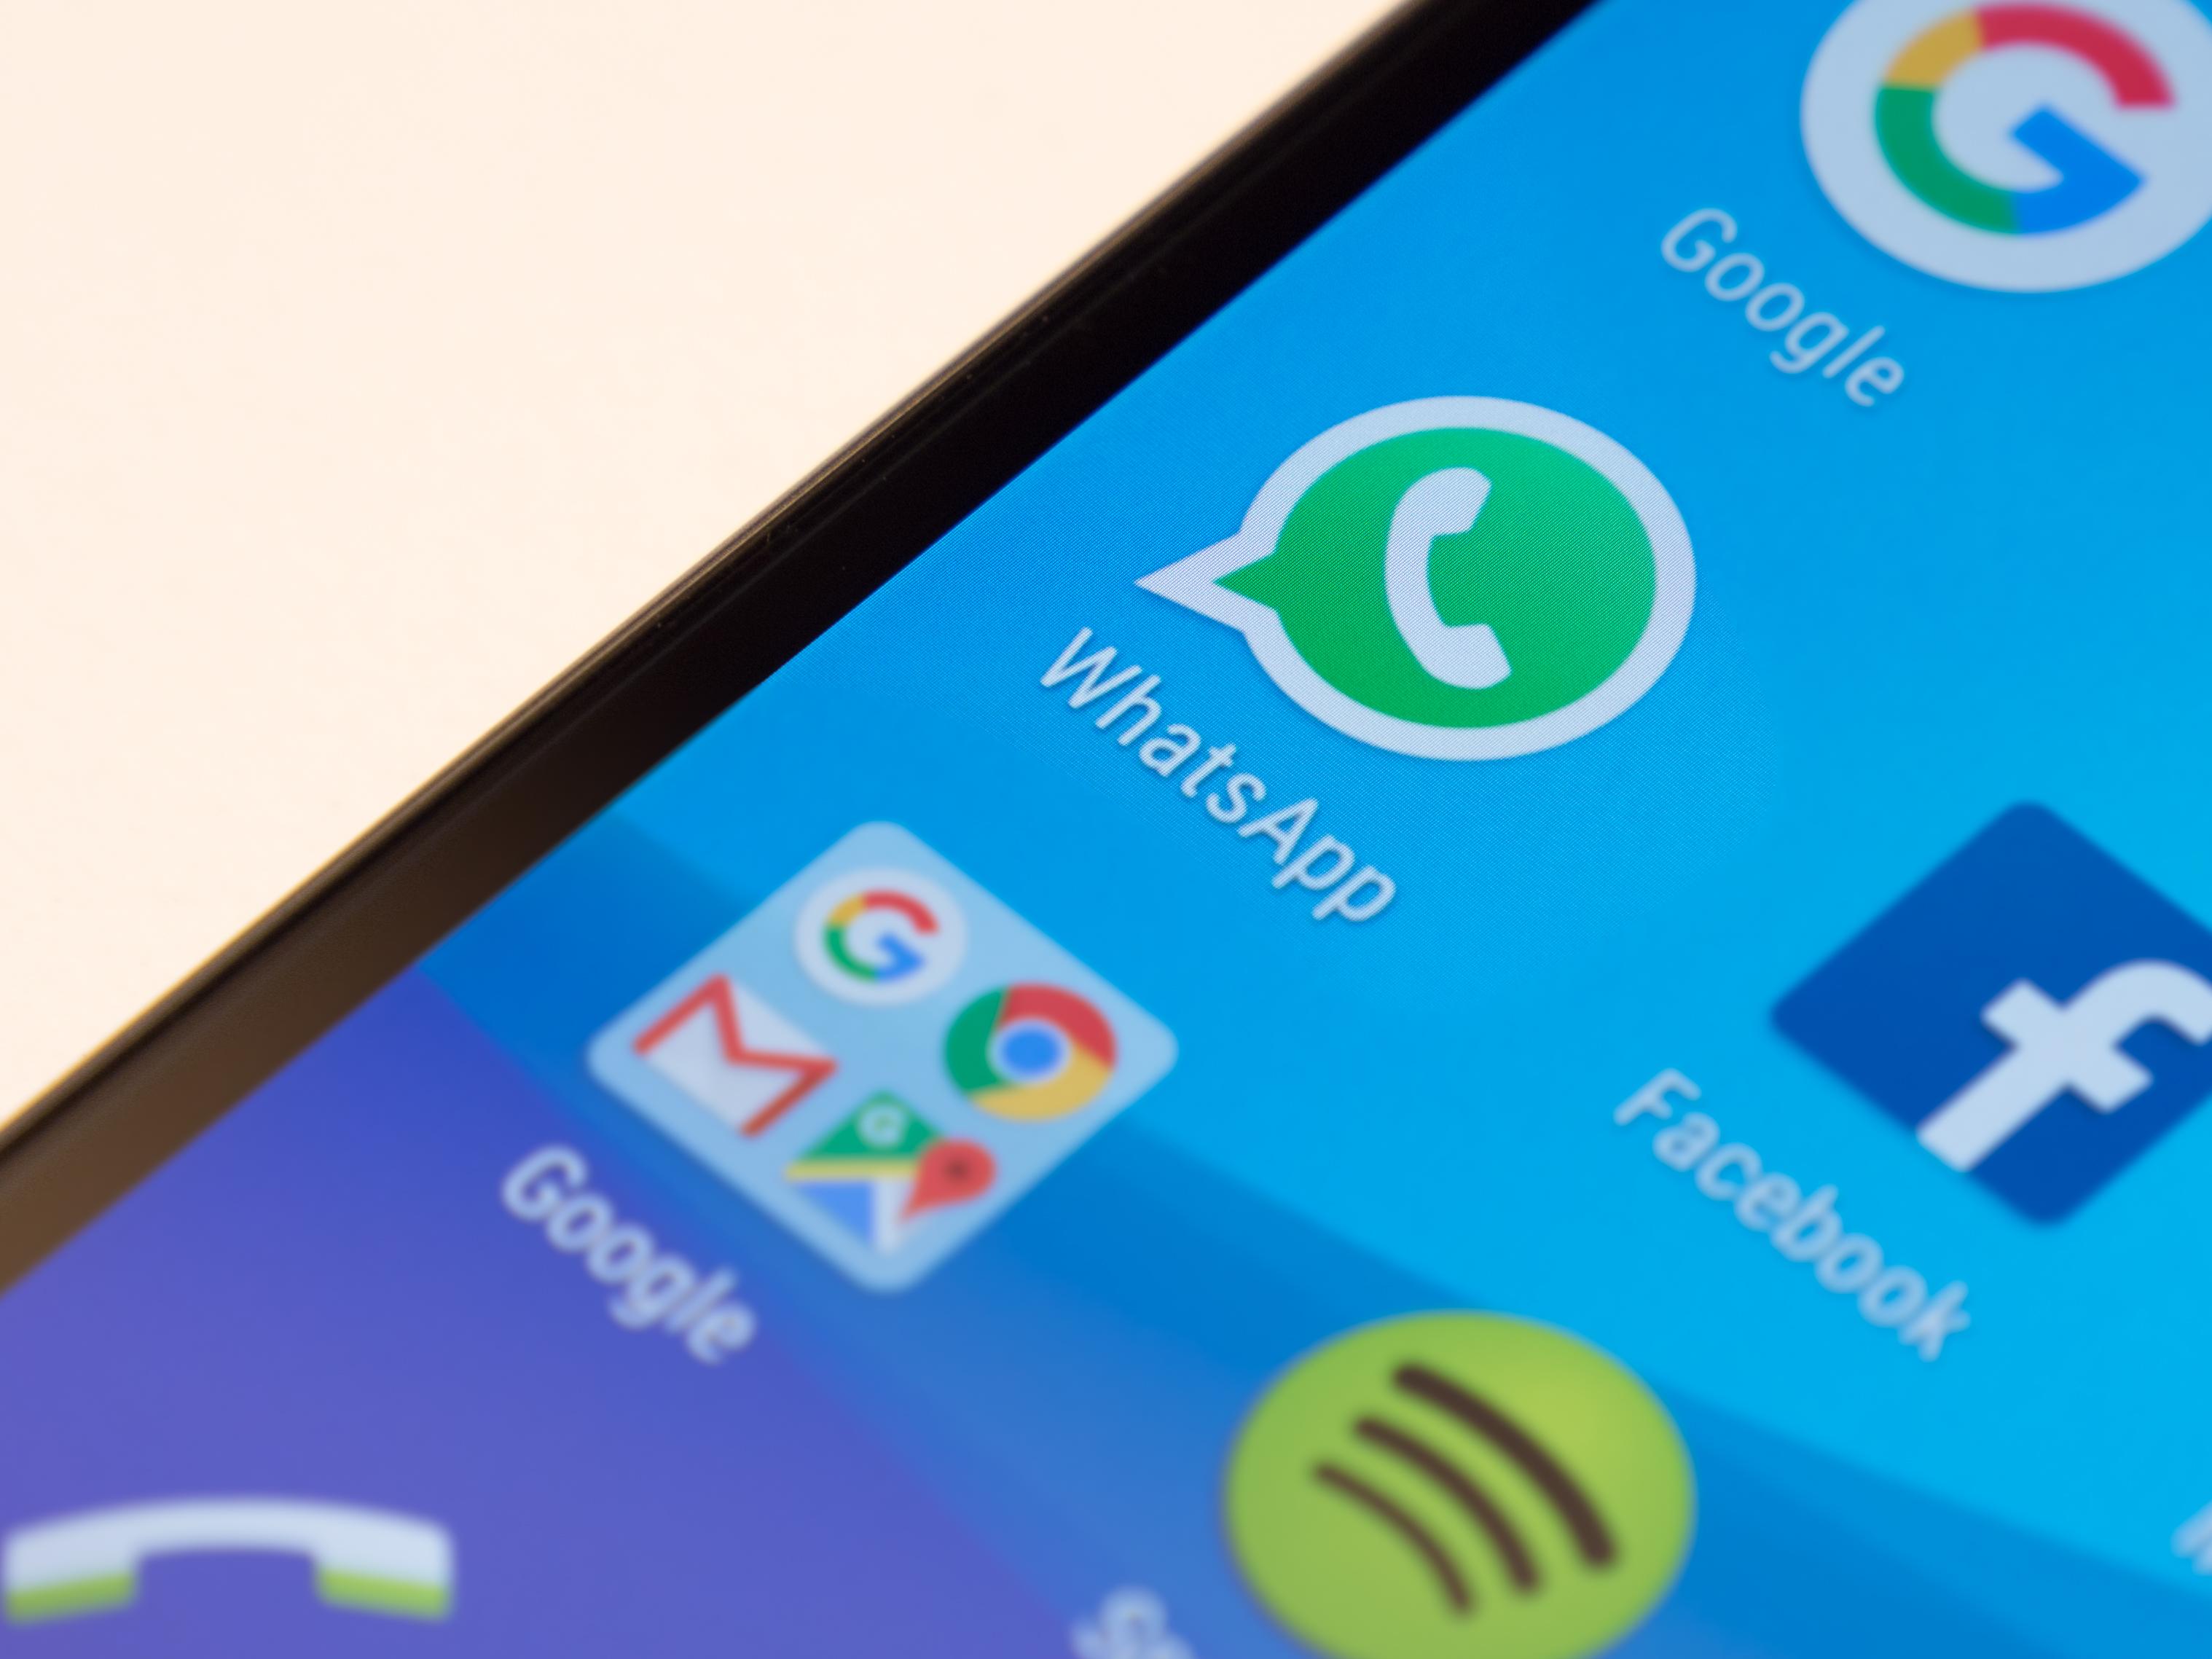 Whatsapp Ohne Sim Karte Nutzen.Whatsapp Ohne Sim Karte Nutzen Stattdessen Festnetznummer